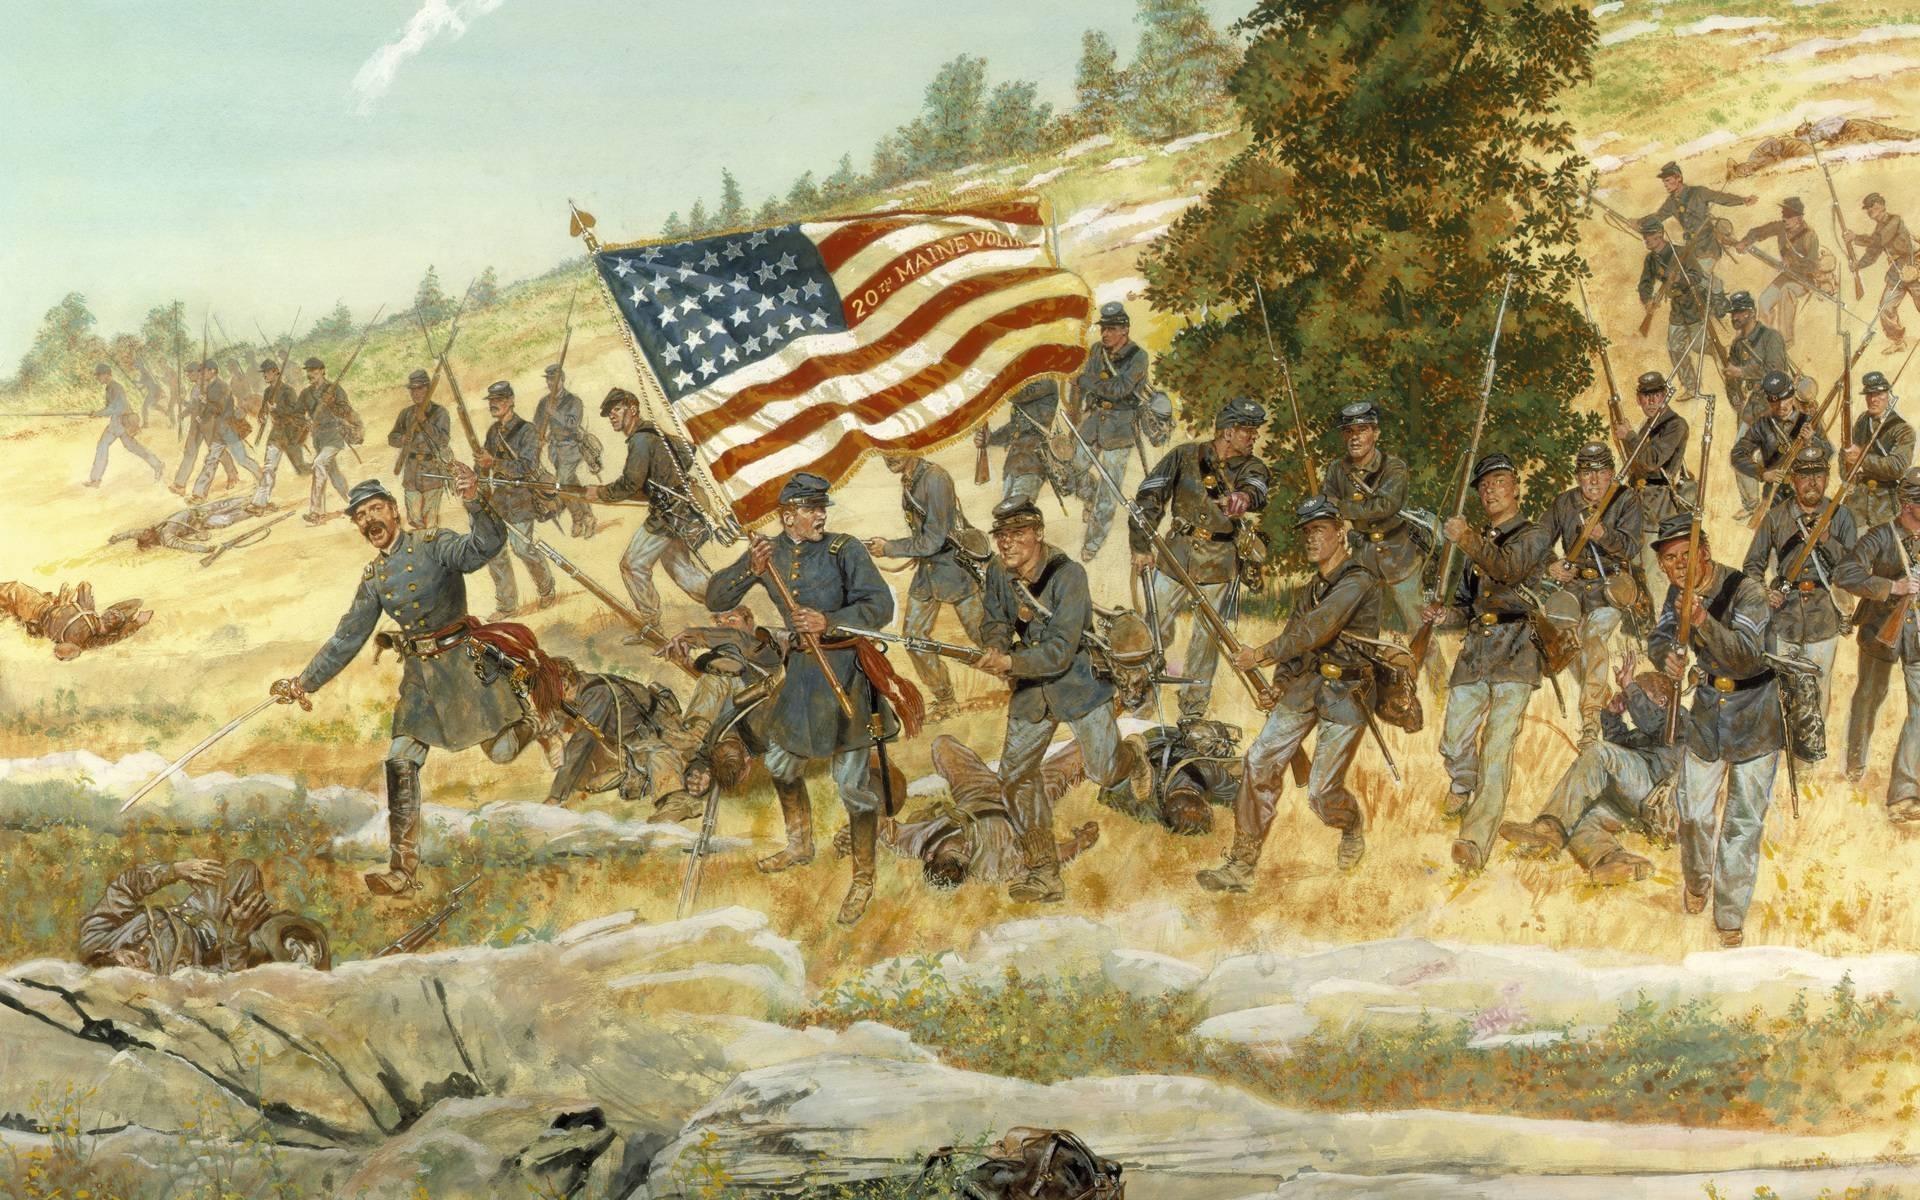 american civil war wallpapers - wallpaper cave